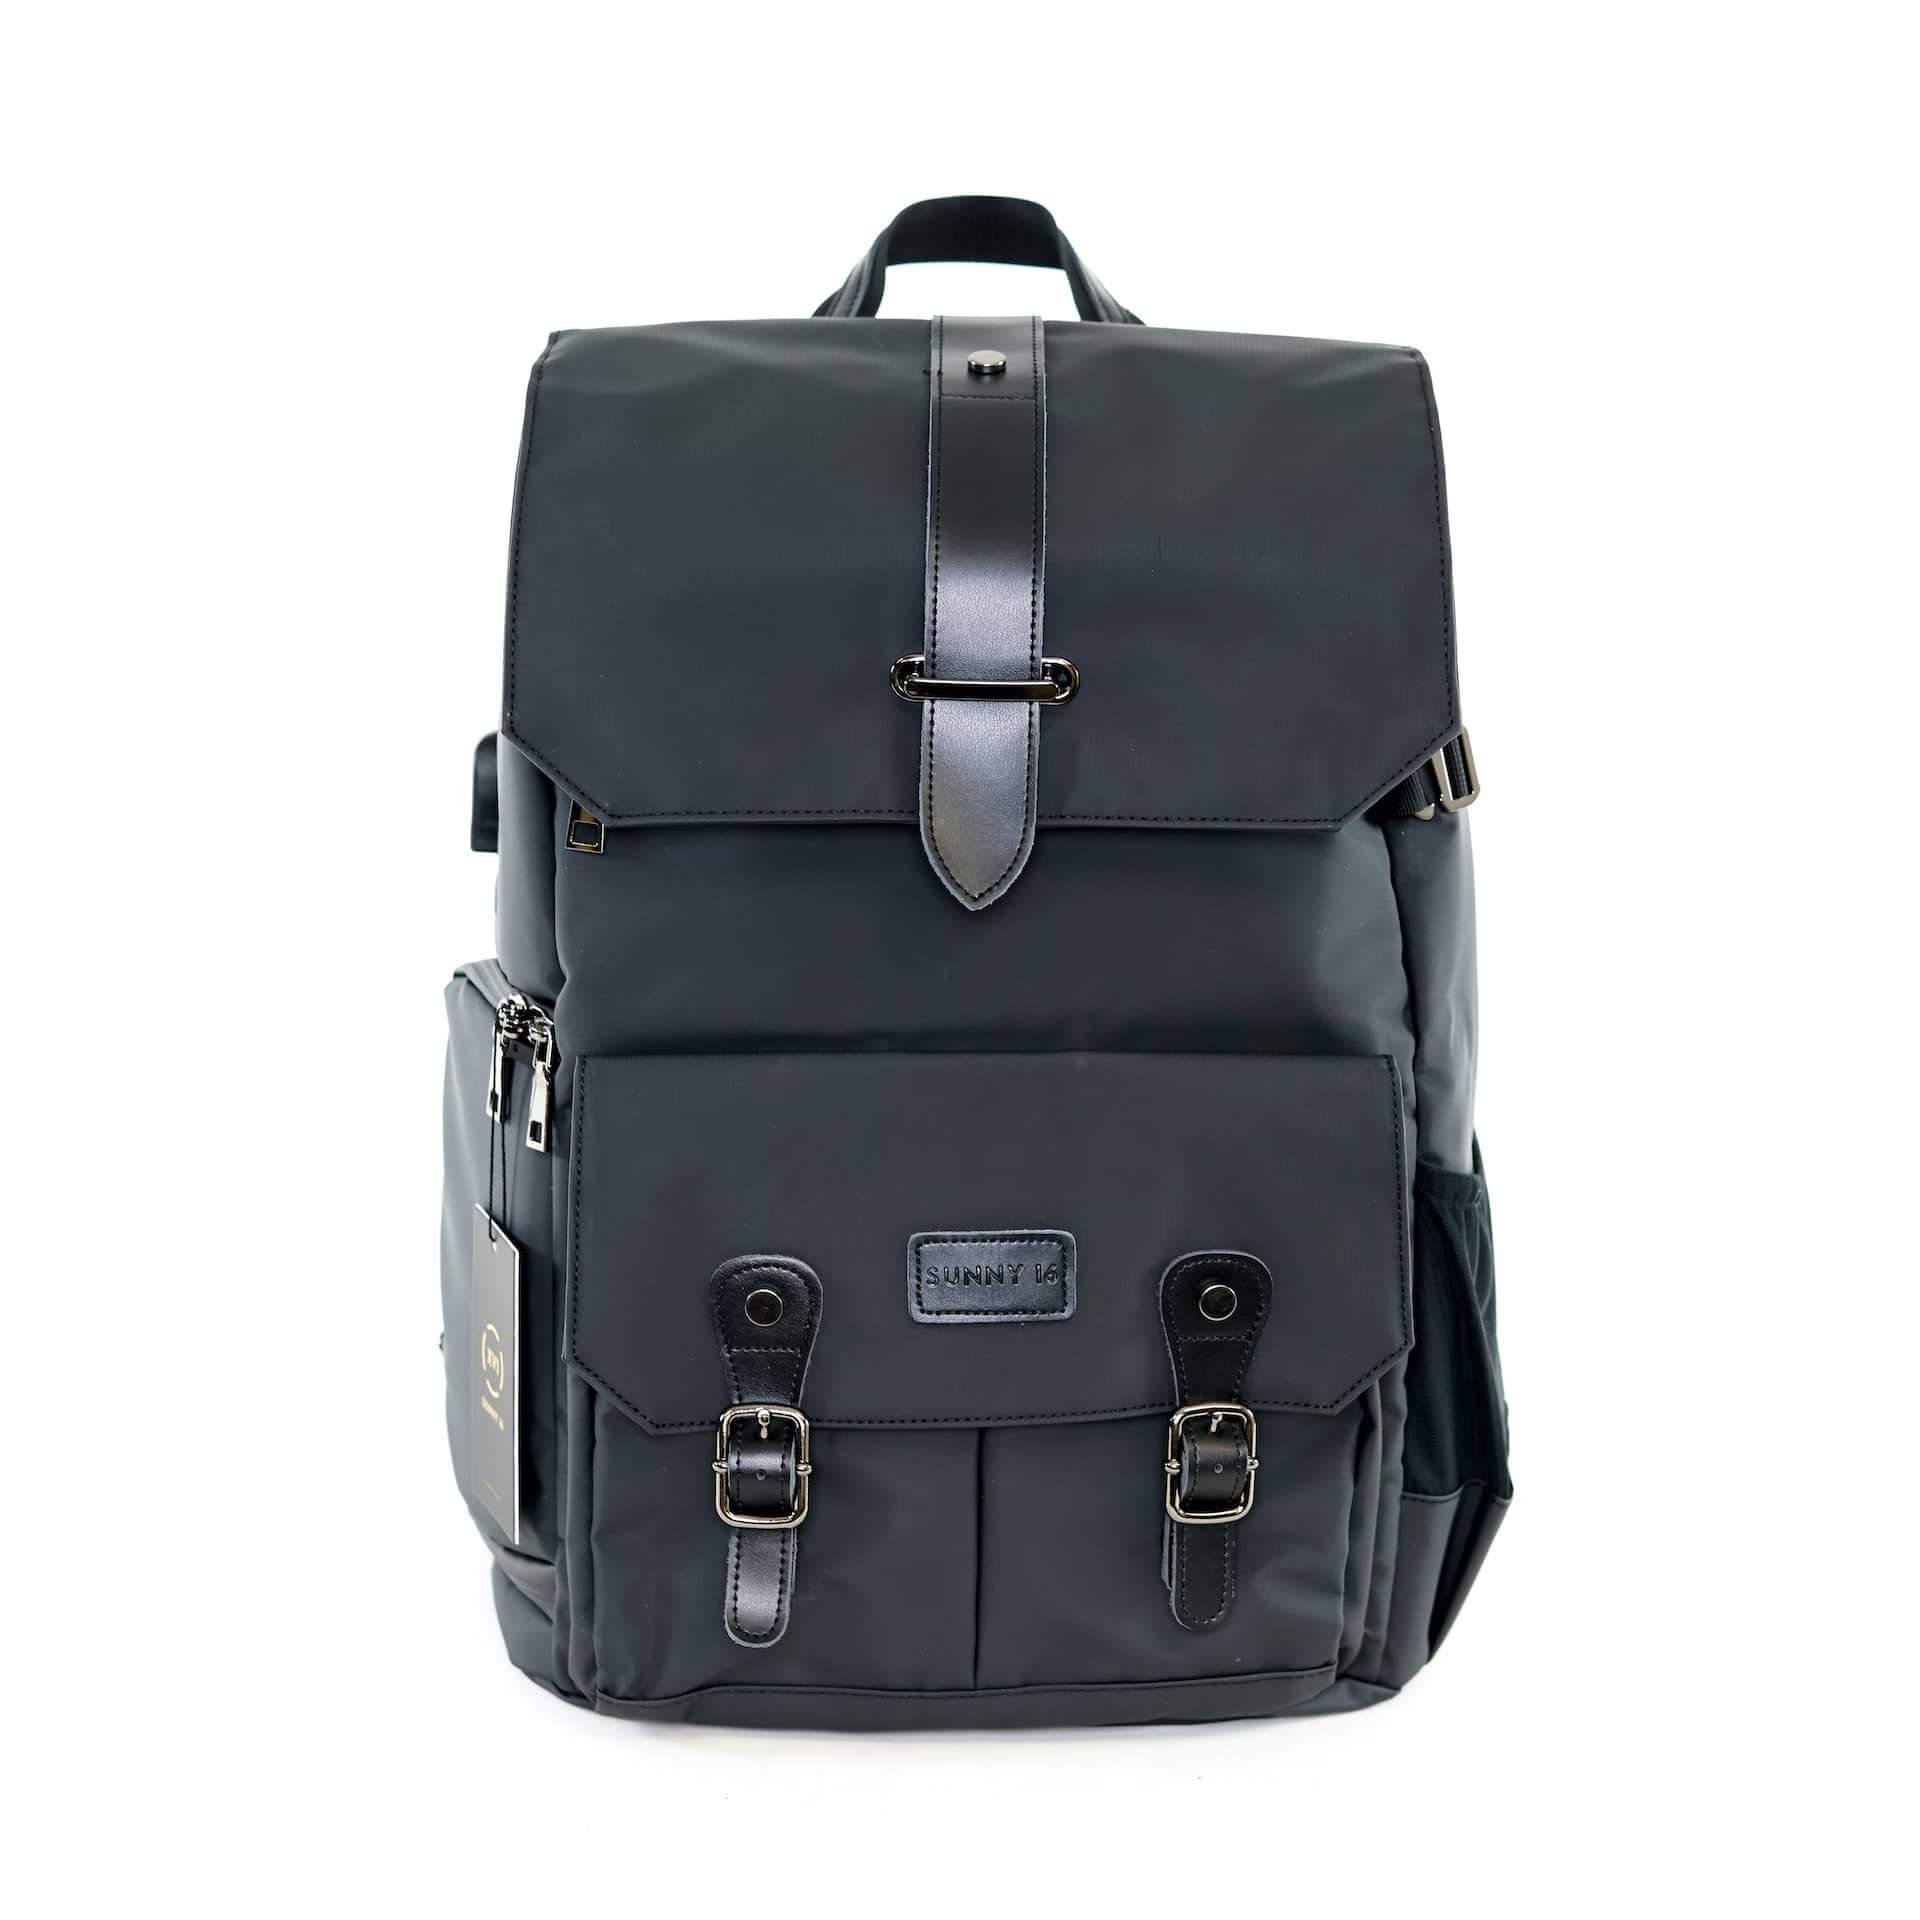 Best Camera Backpacks - The Voyager V2 Camera Bag